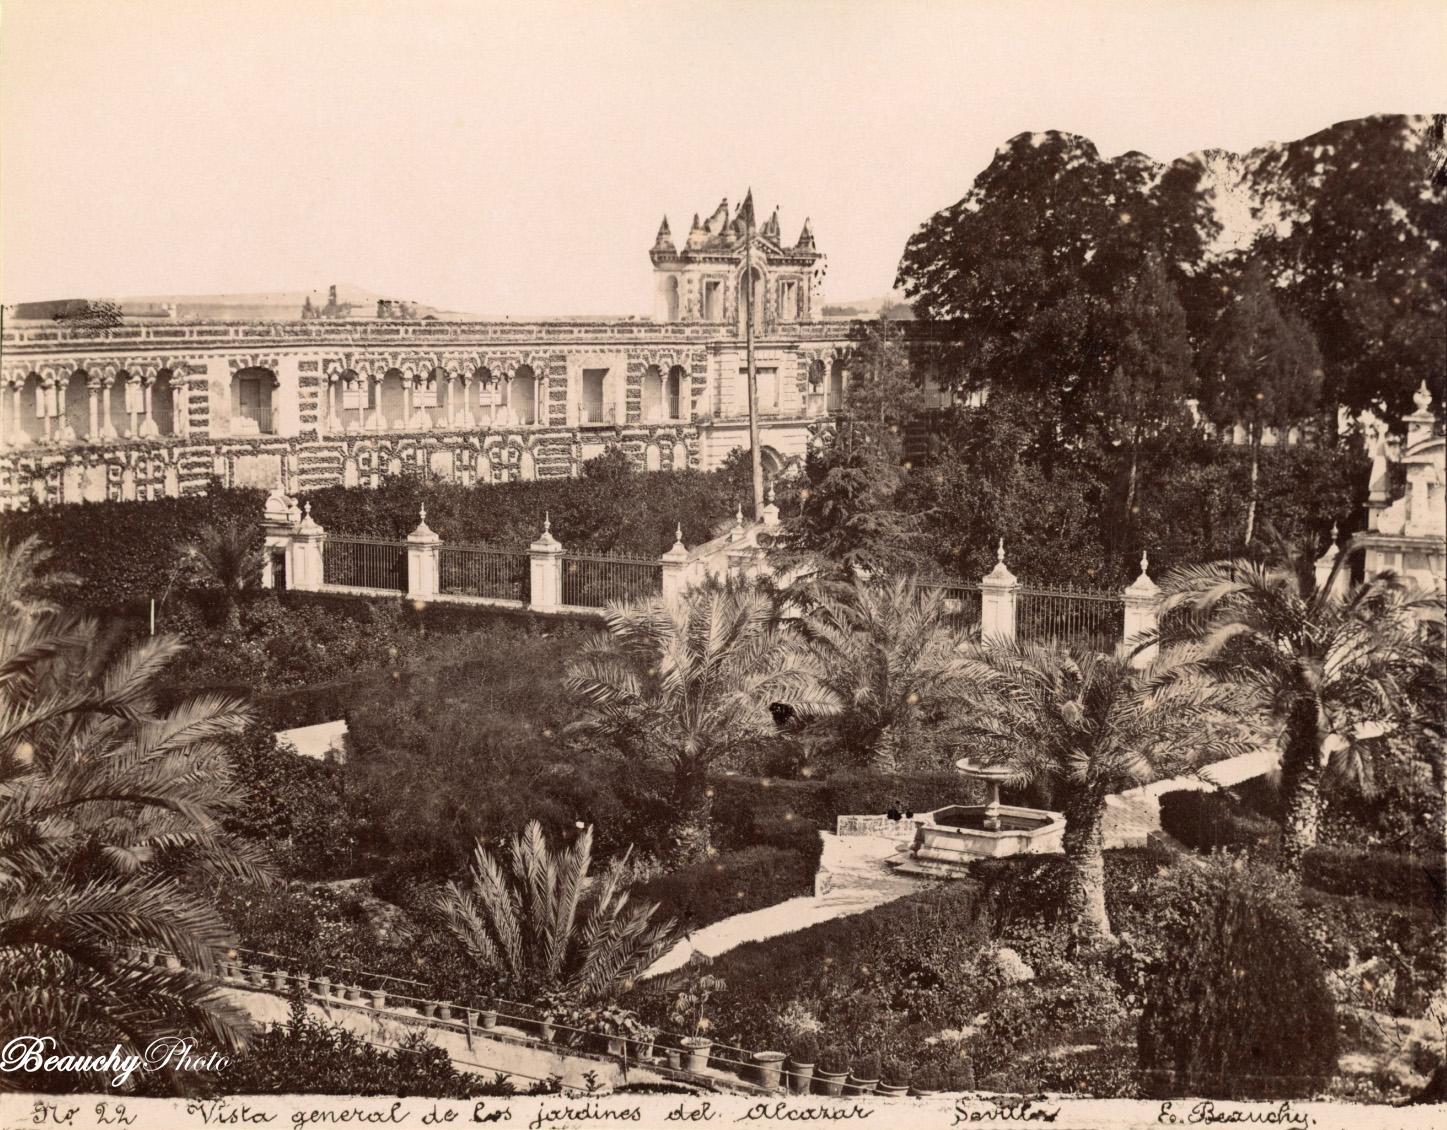 Beauchyphoto_Jardines_del_Alcázar_de_Sevilla_c1880_Emilio_Beauchy_Cano_fotografias_antiguas_postales_vistas_y_monumentos